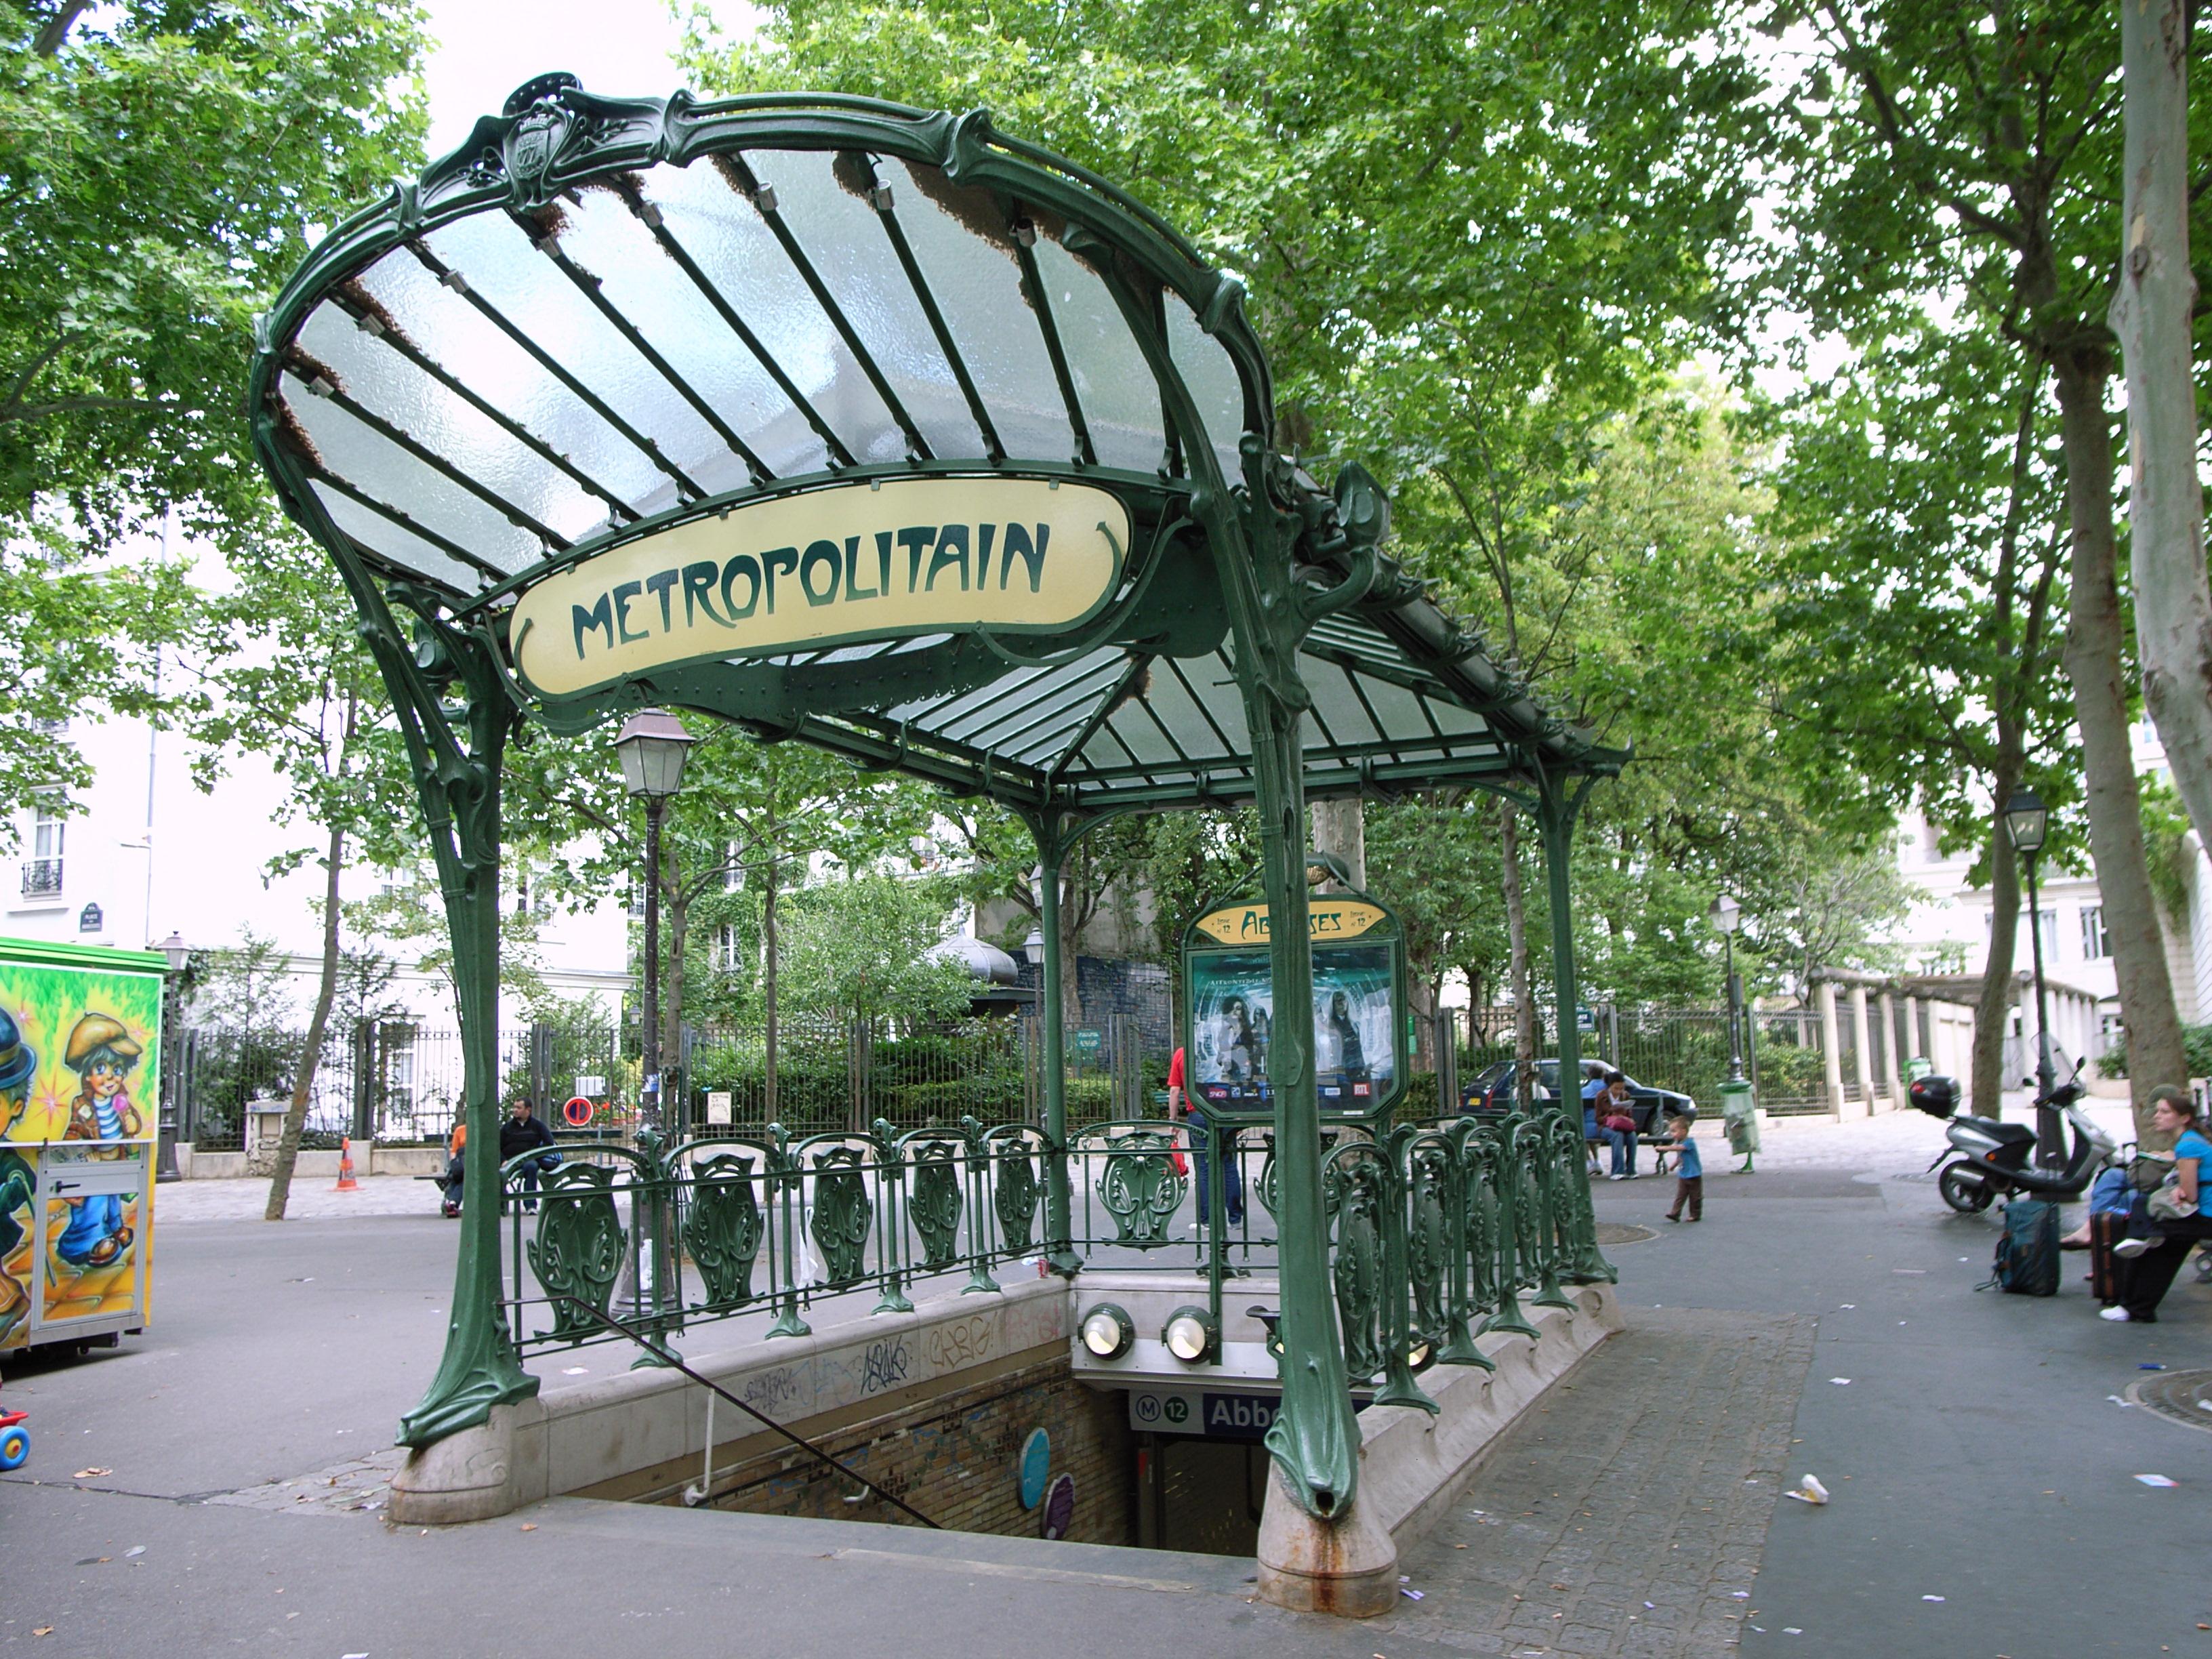 Le metro en ander frans openbaar vervoer u my